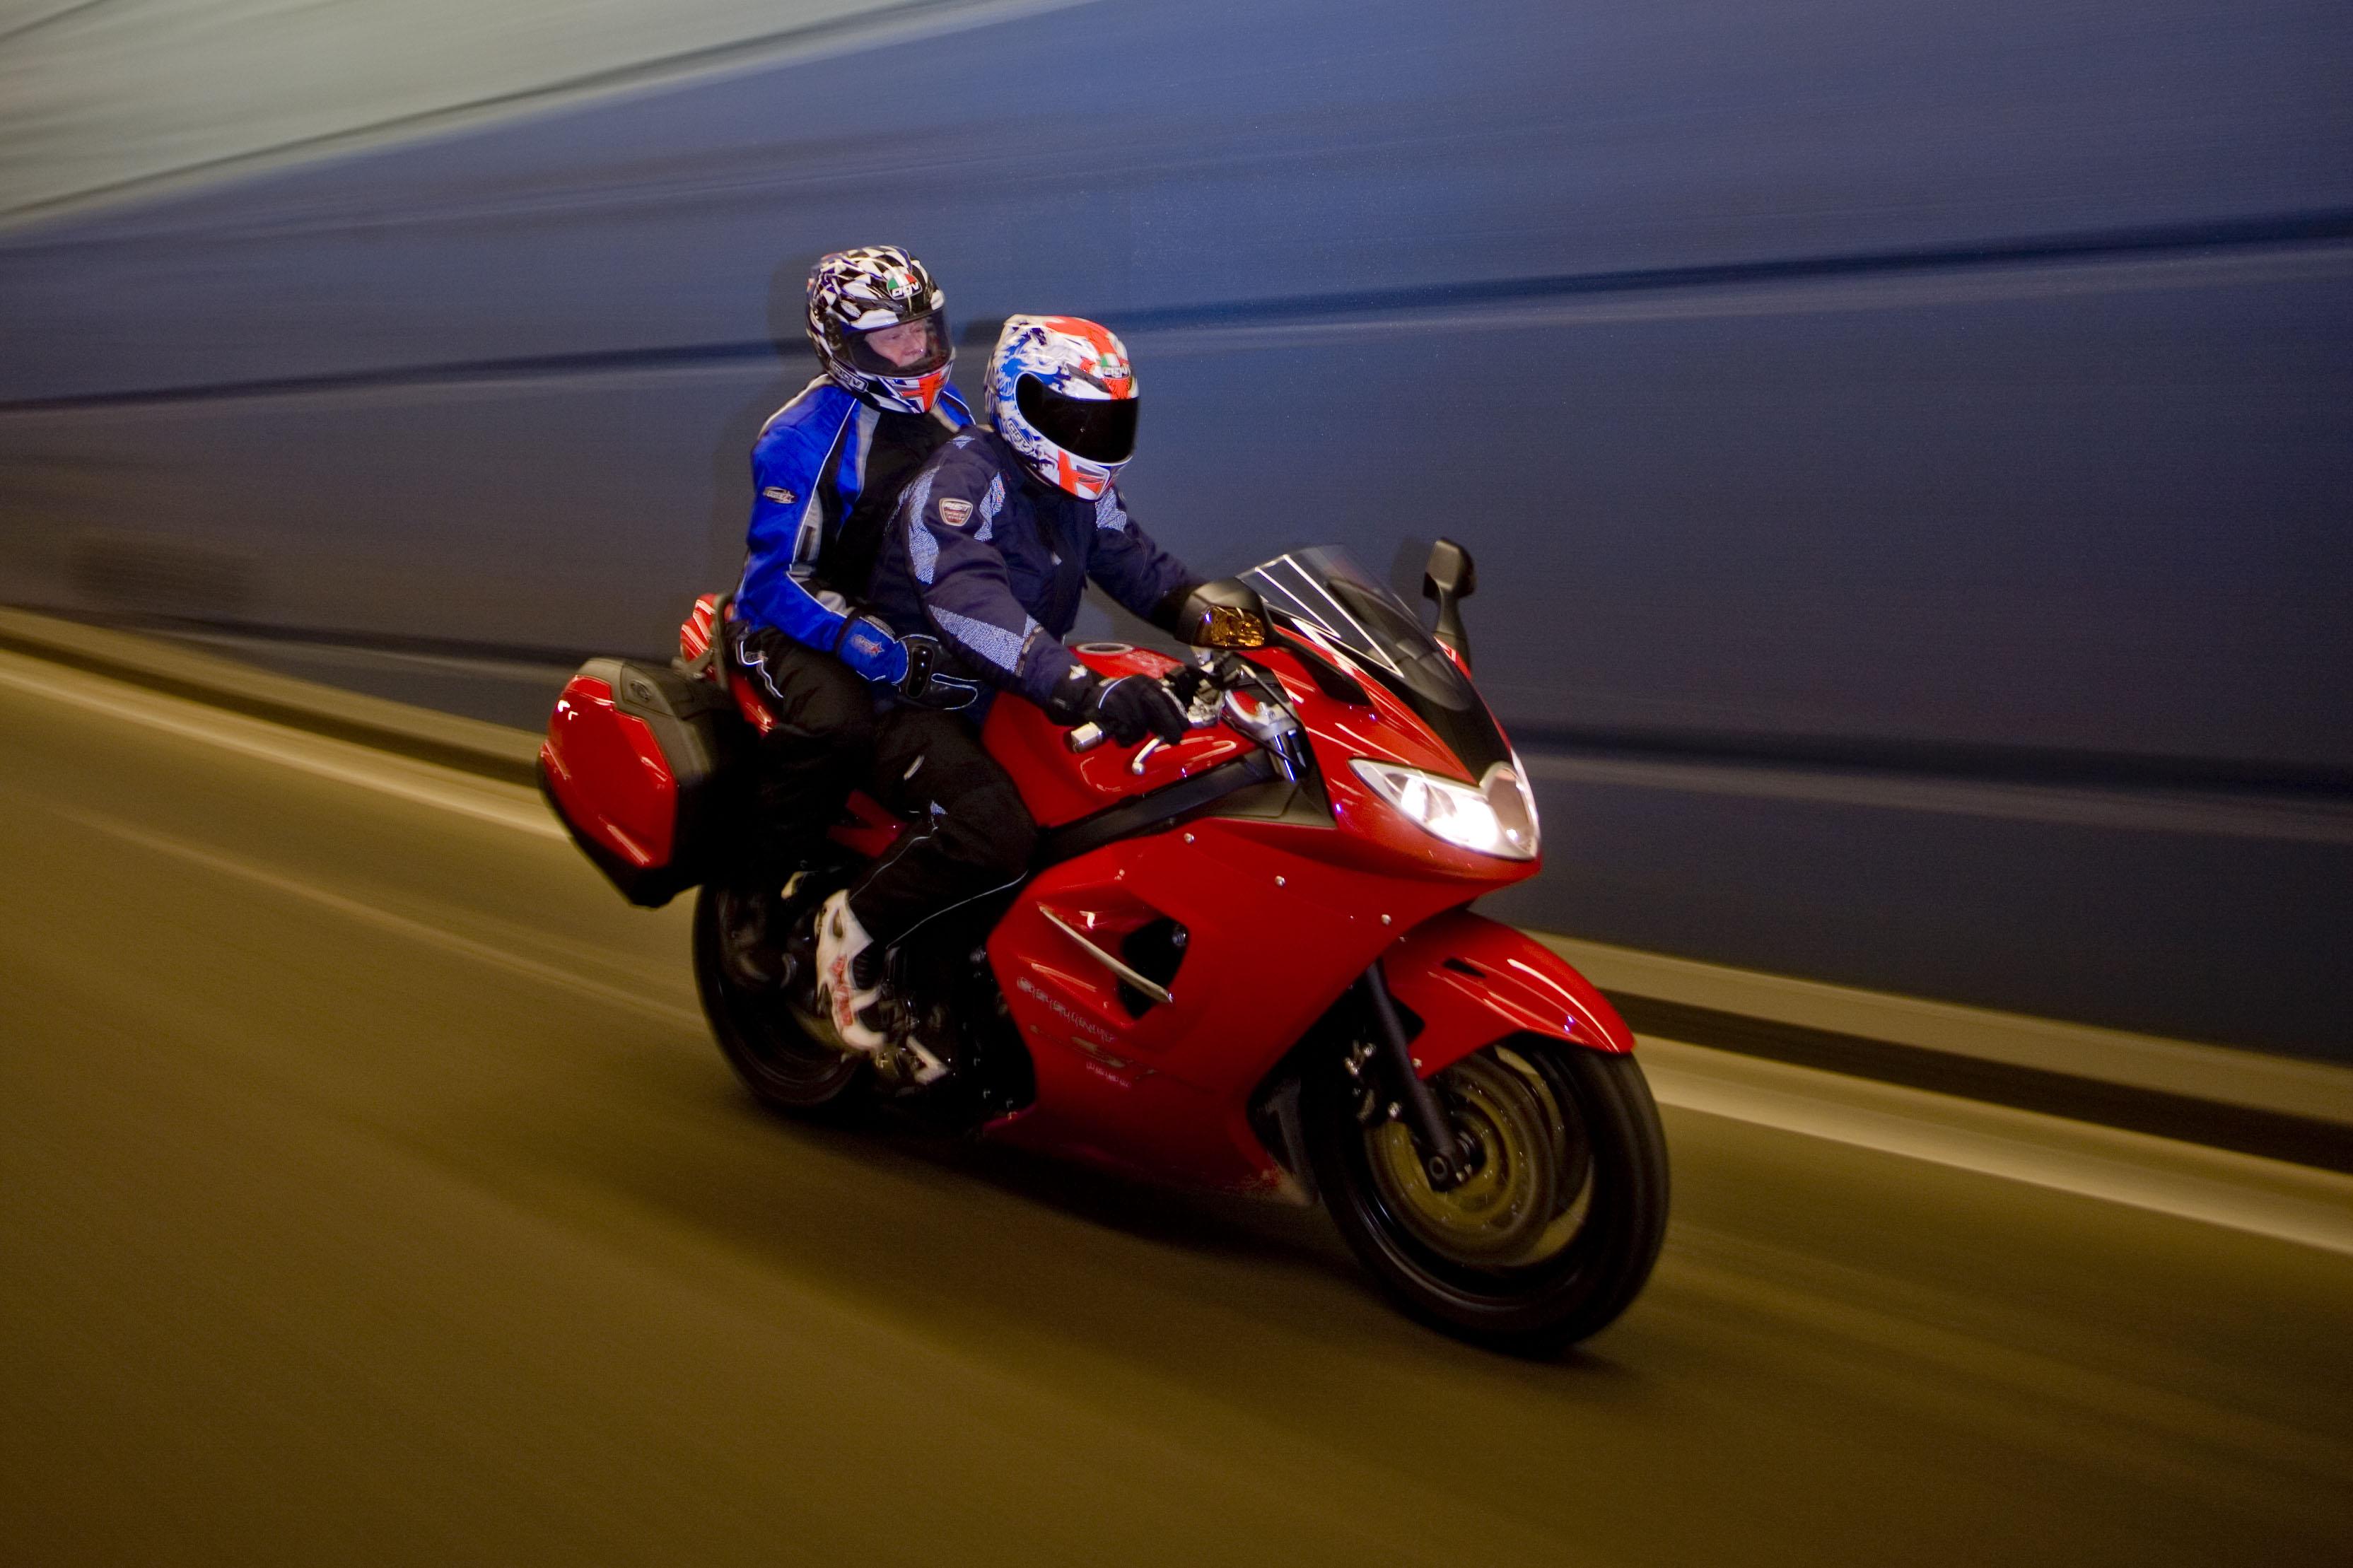 moto mh rx 125 r